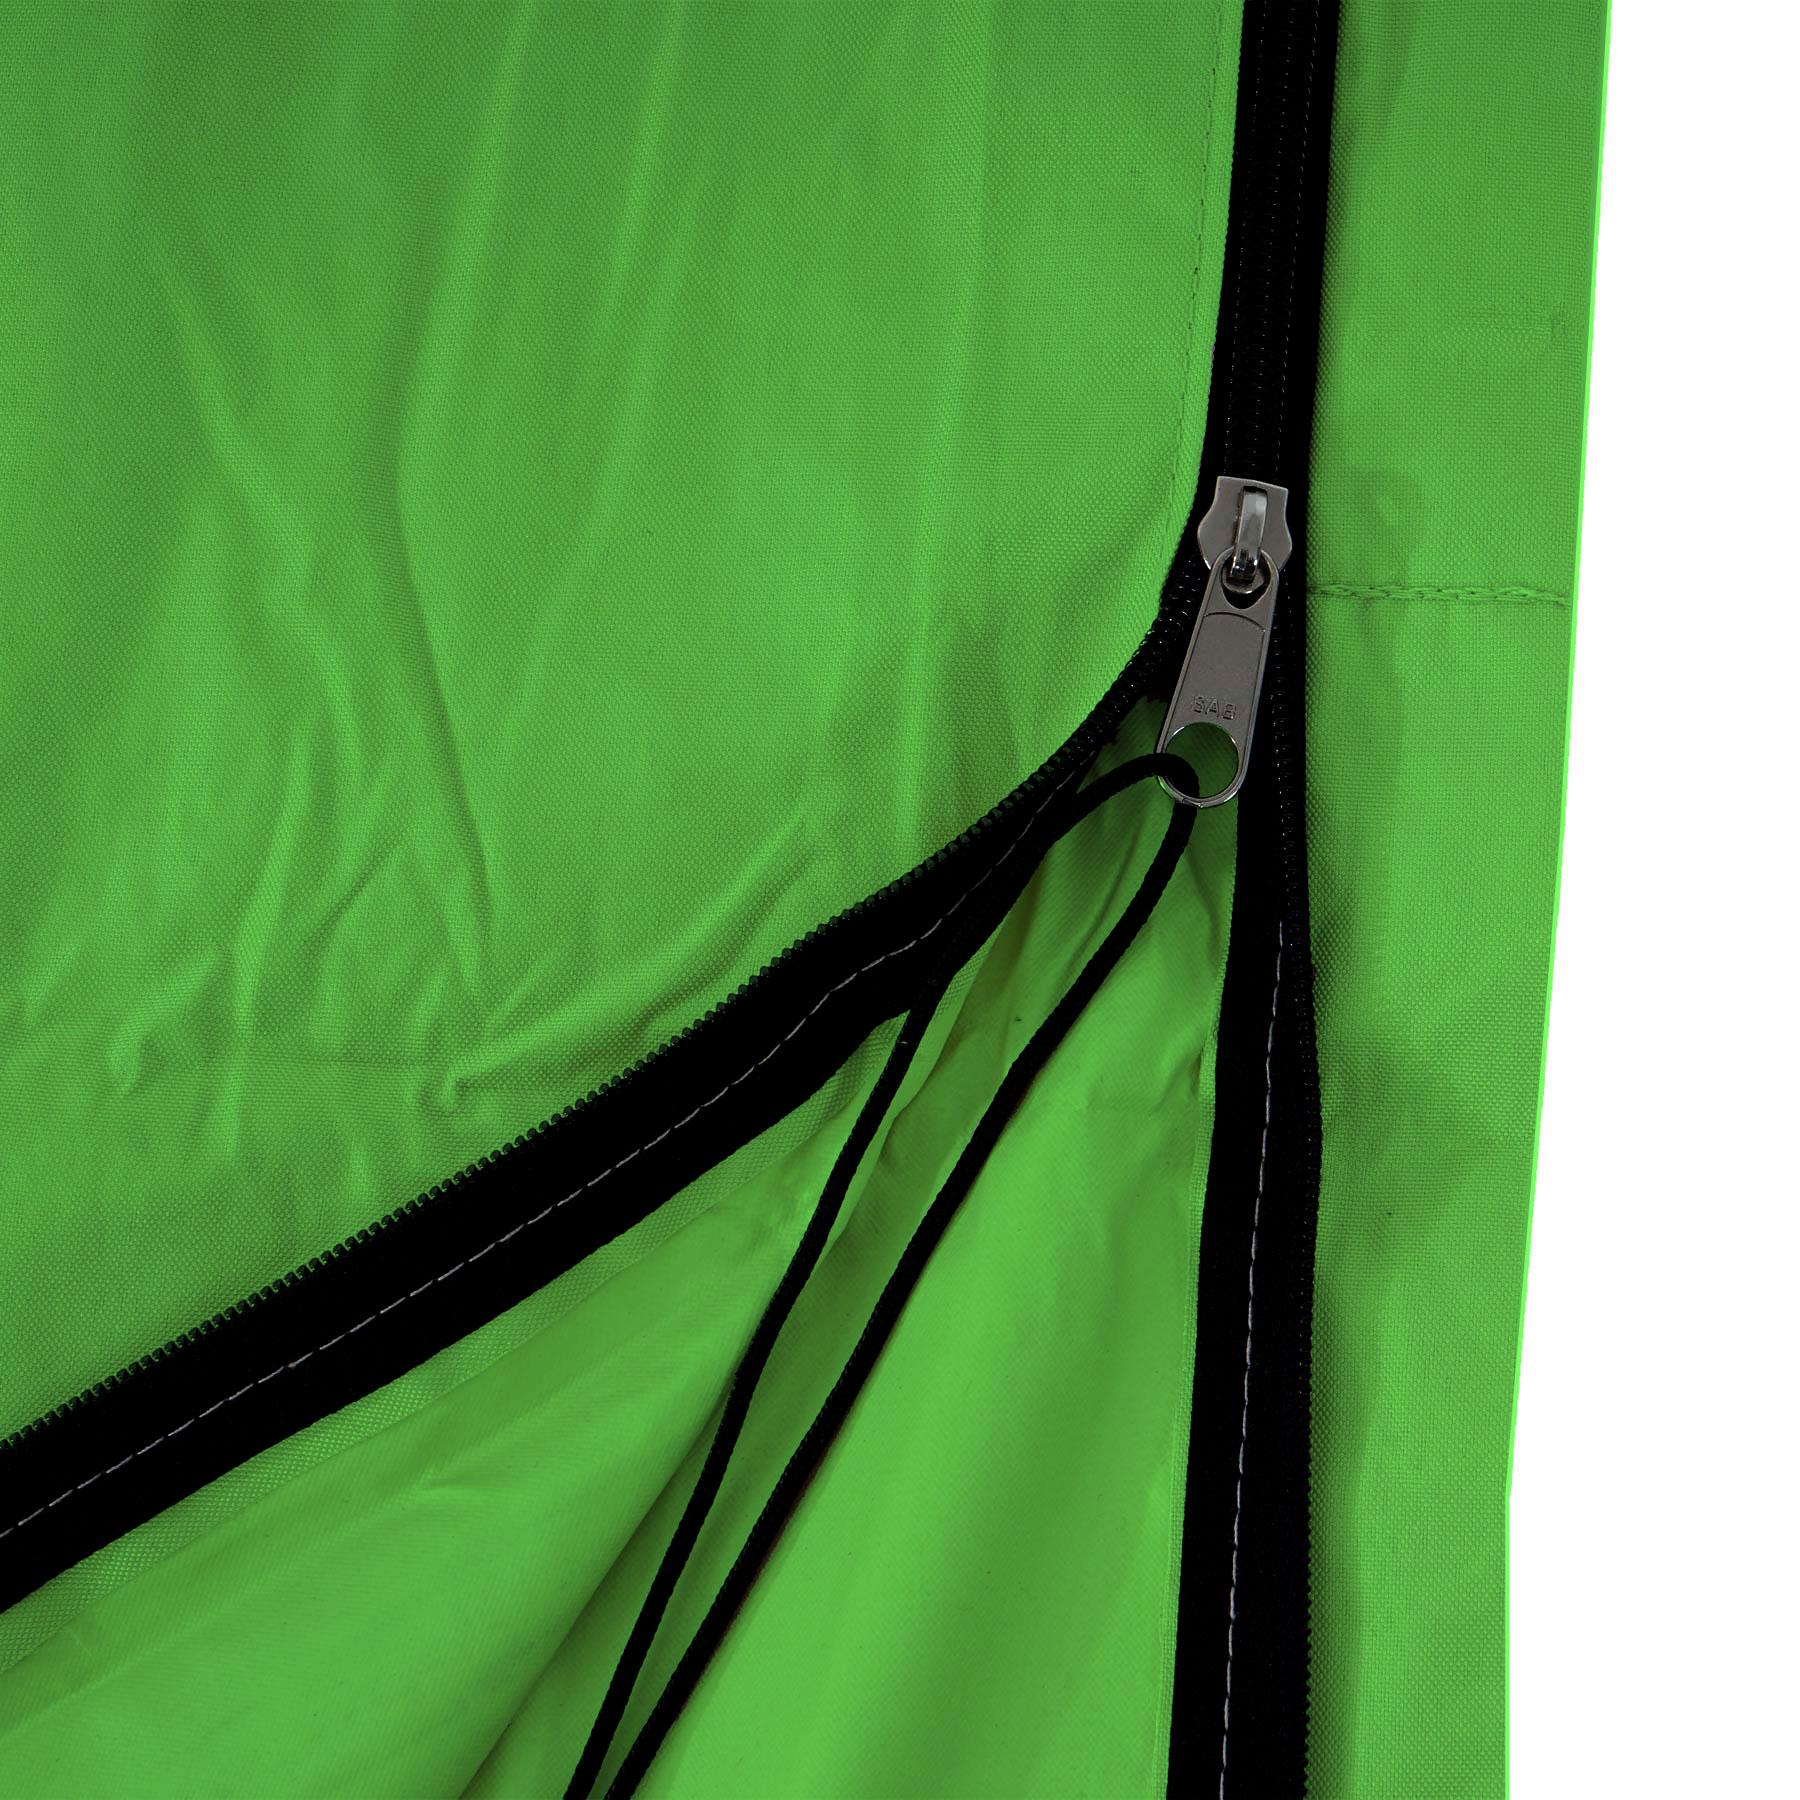 schutzh lle f r ampelschirm bis 4 3 m 3x3 m saisonartikel sommer sonnenschirme und st nder. Black Bedroom Furniture Sets. Home Design Ideas